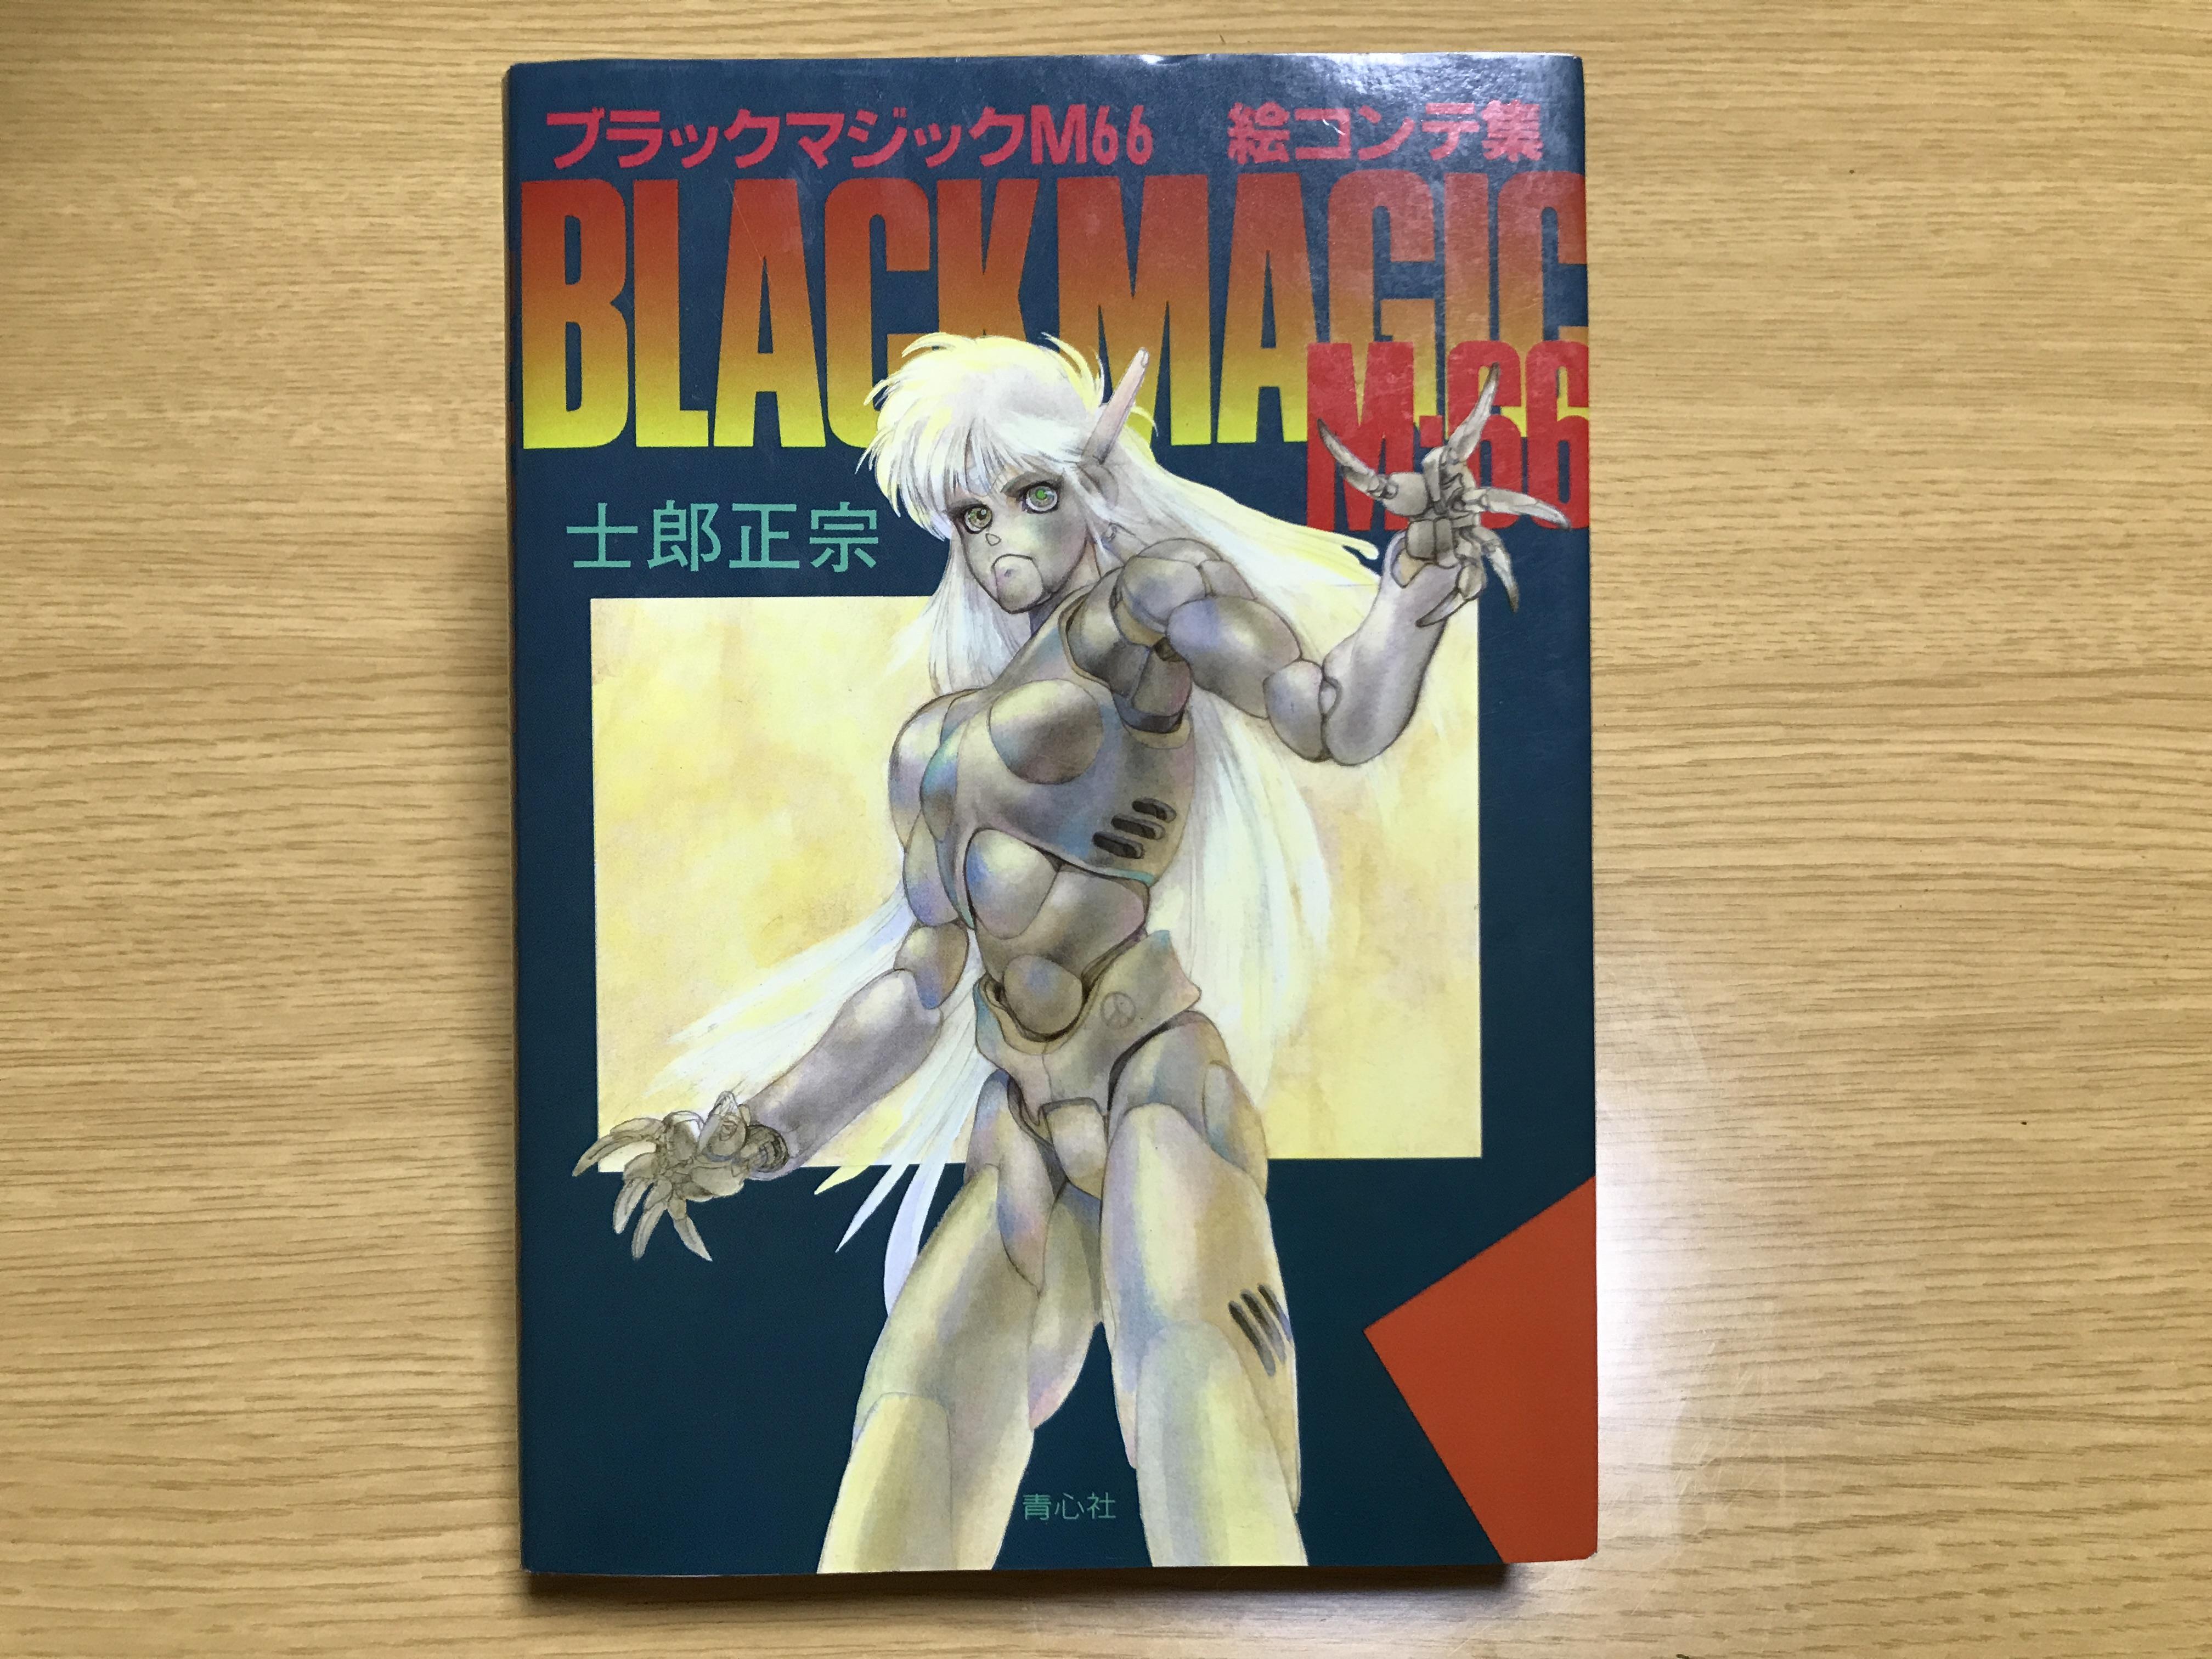 ブラックマジックm-66の絵コンテ